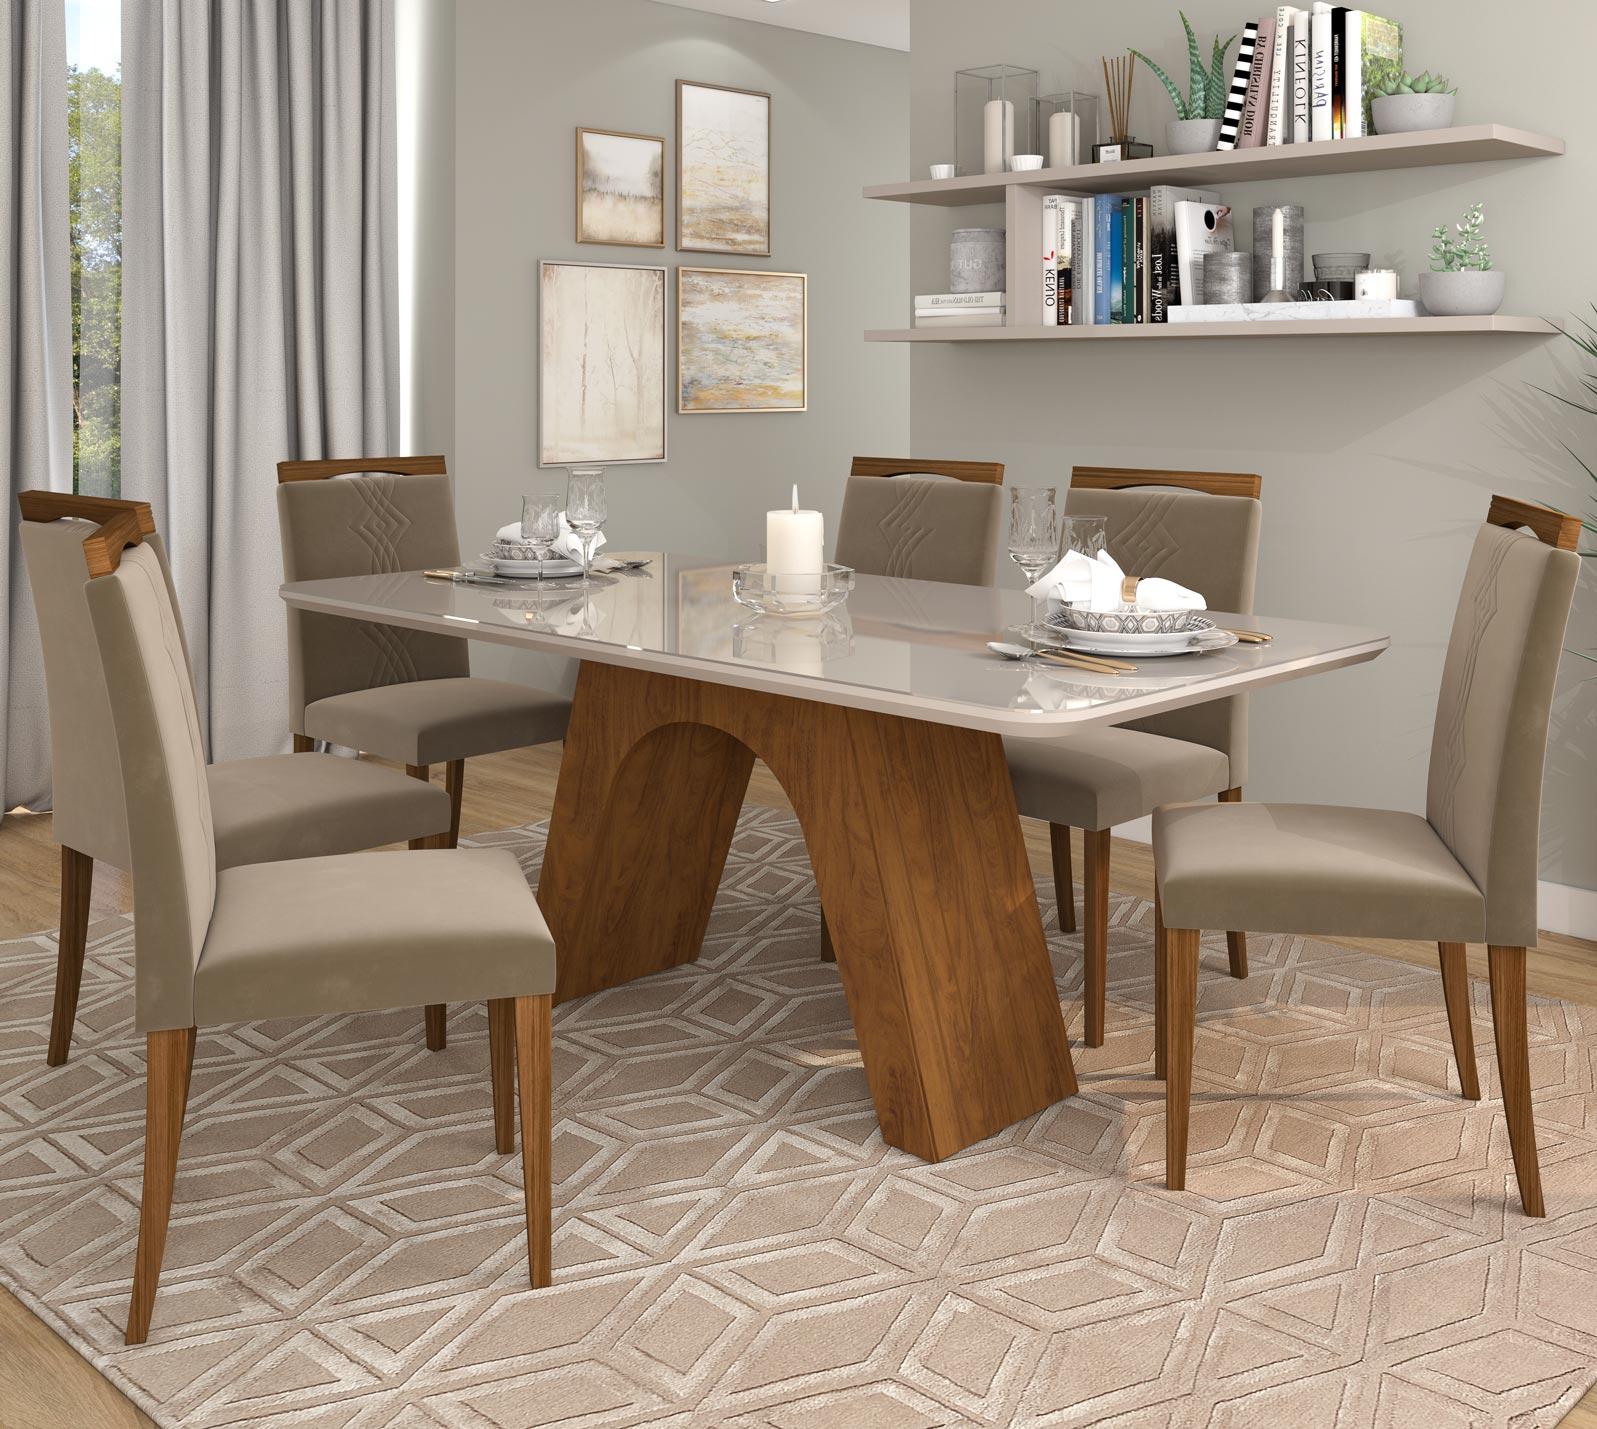 Mesa para Sala de Jantar Clara 180 x 80 cm e  com 6 Cadeiras  Laura Savana/Off White/Madeira/Joli